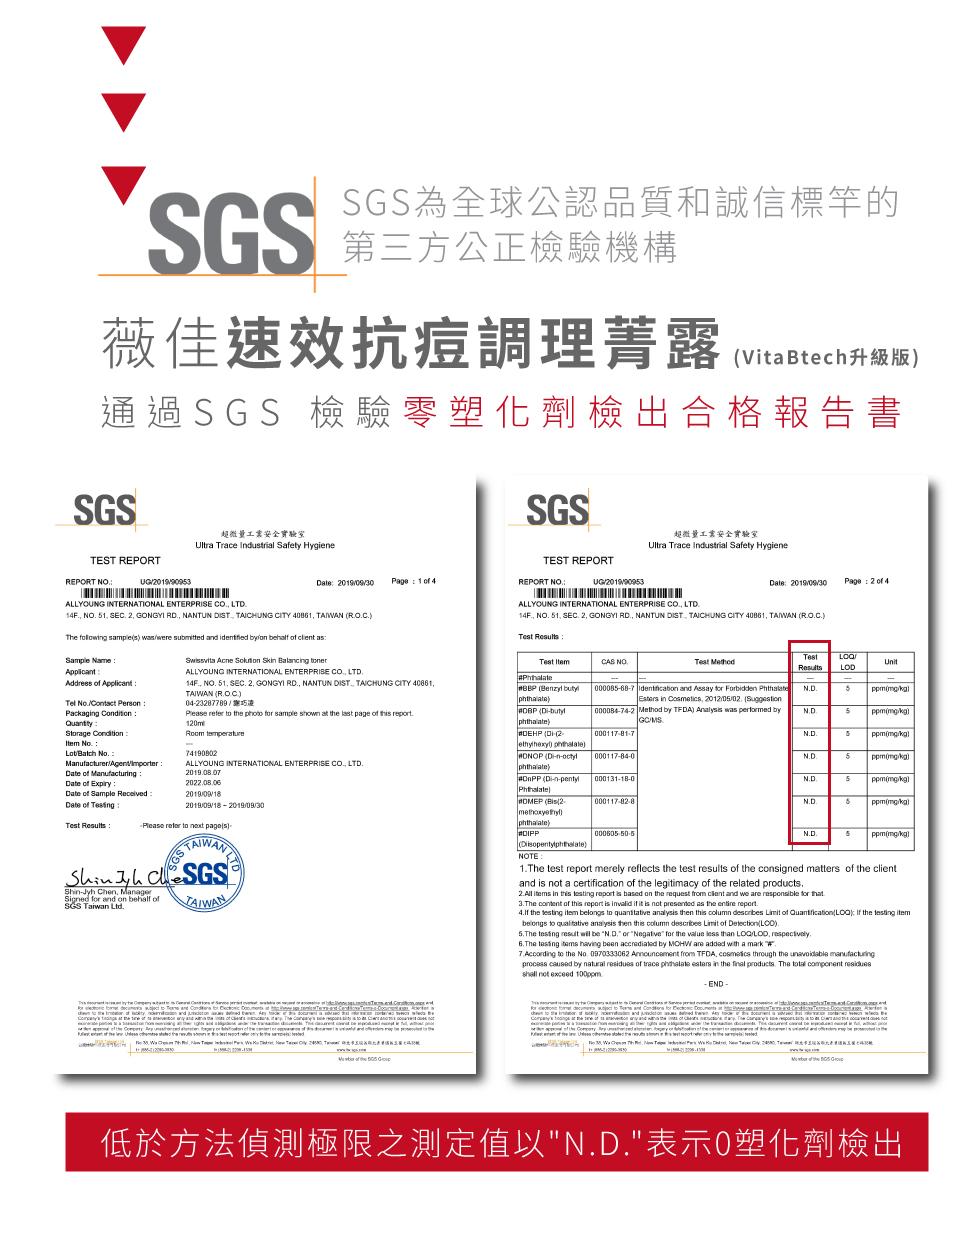 薇佳 速效抗痘調理菁露 VitaBtech升級版 SGS 零塑化劑檢出合格報告書